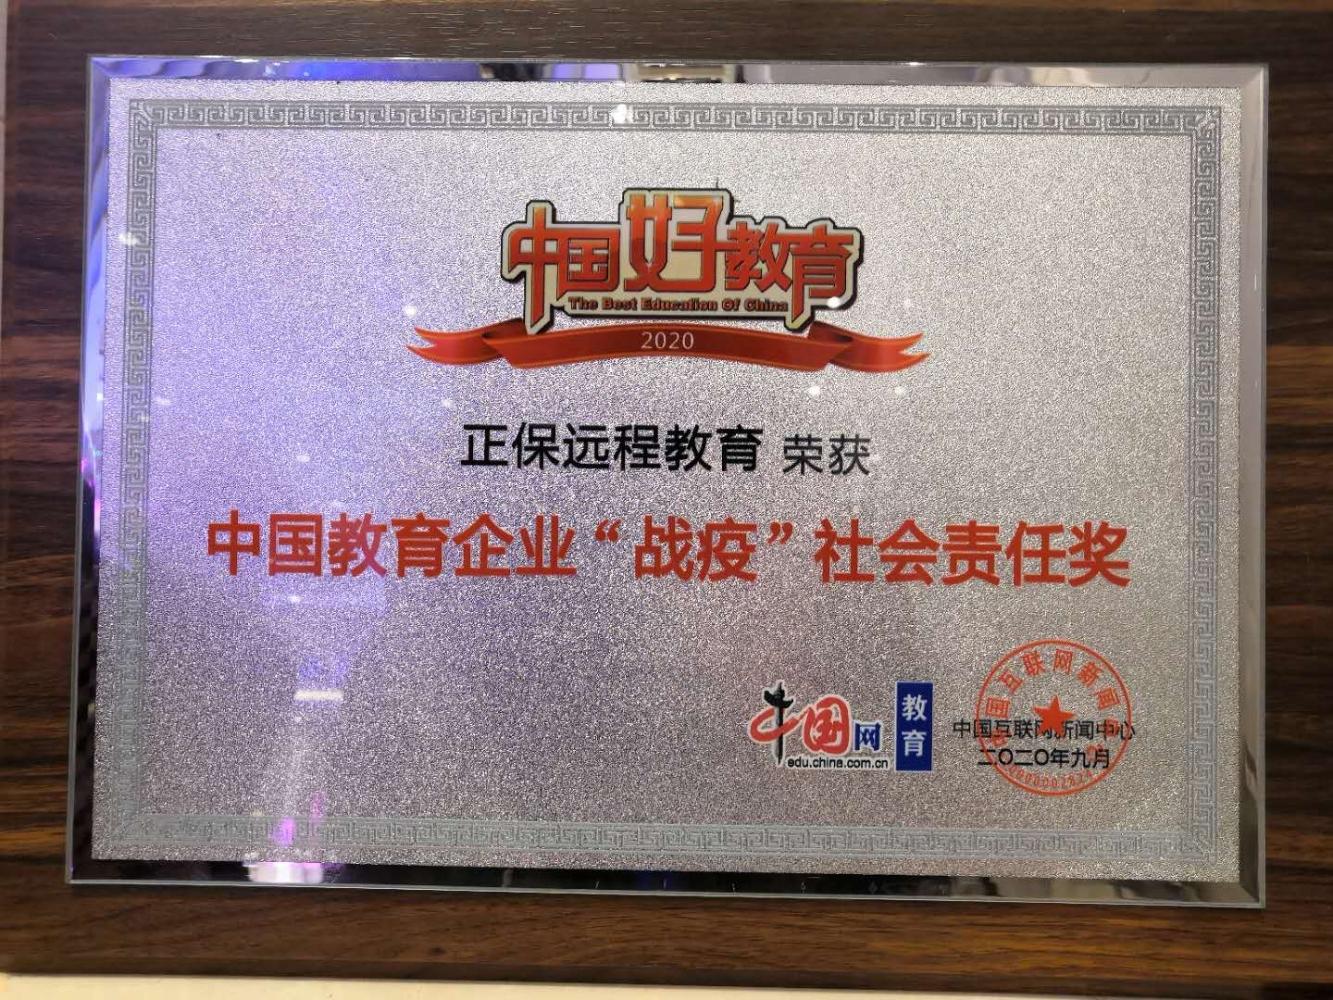 """中华会计网校荣获""""2020年中国影响力在线教育品牌""""称号"""